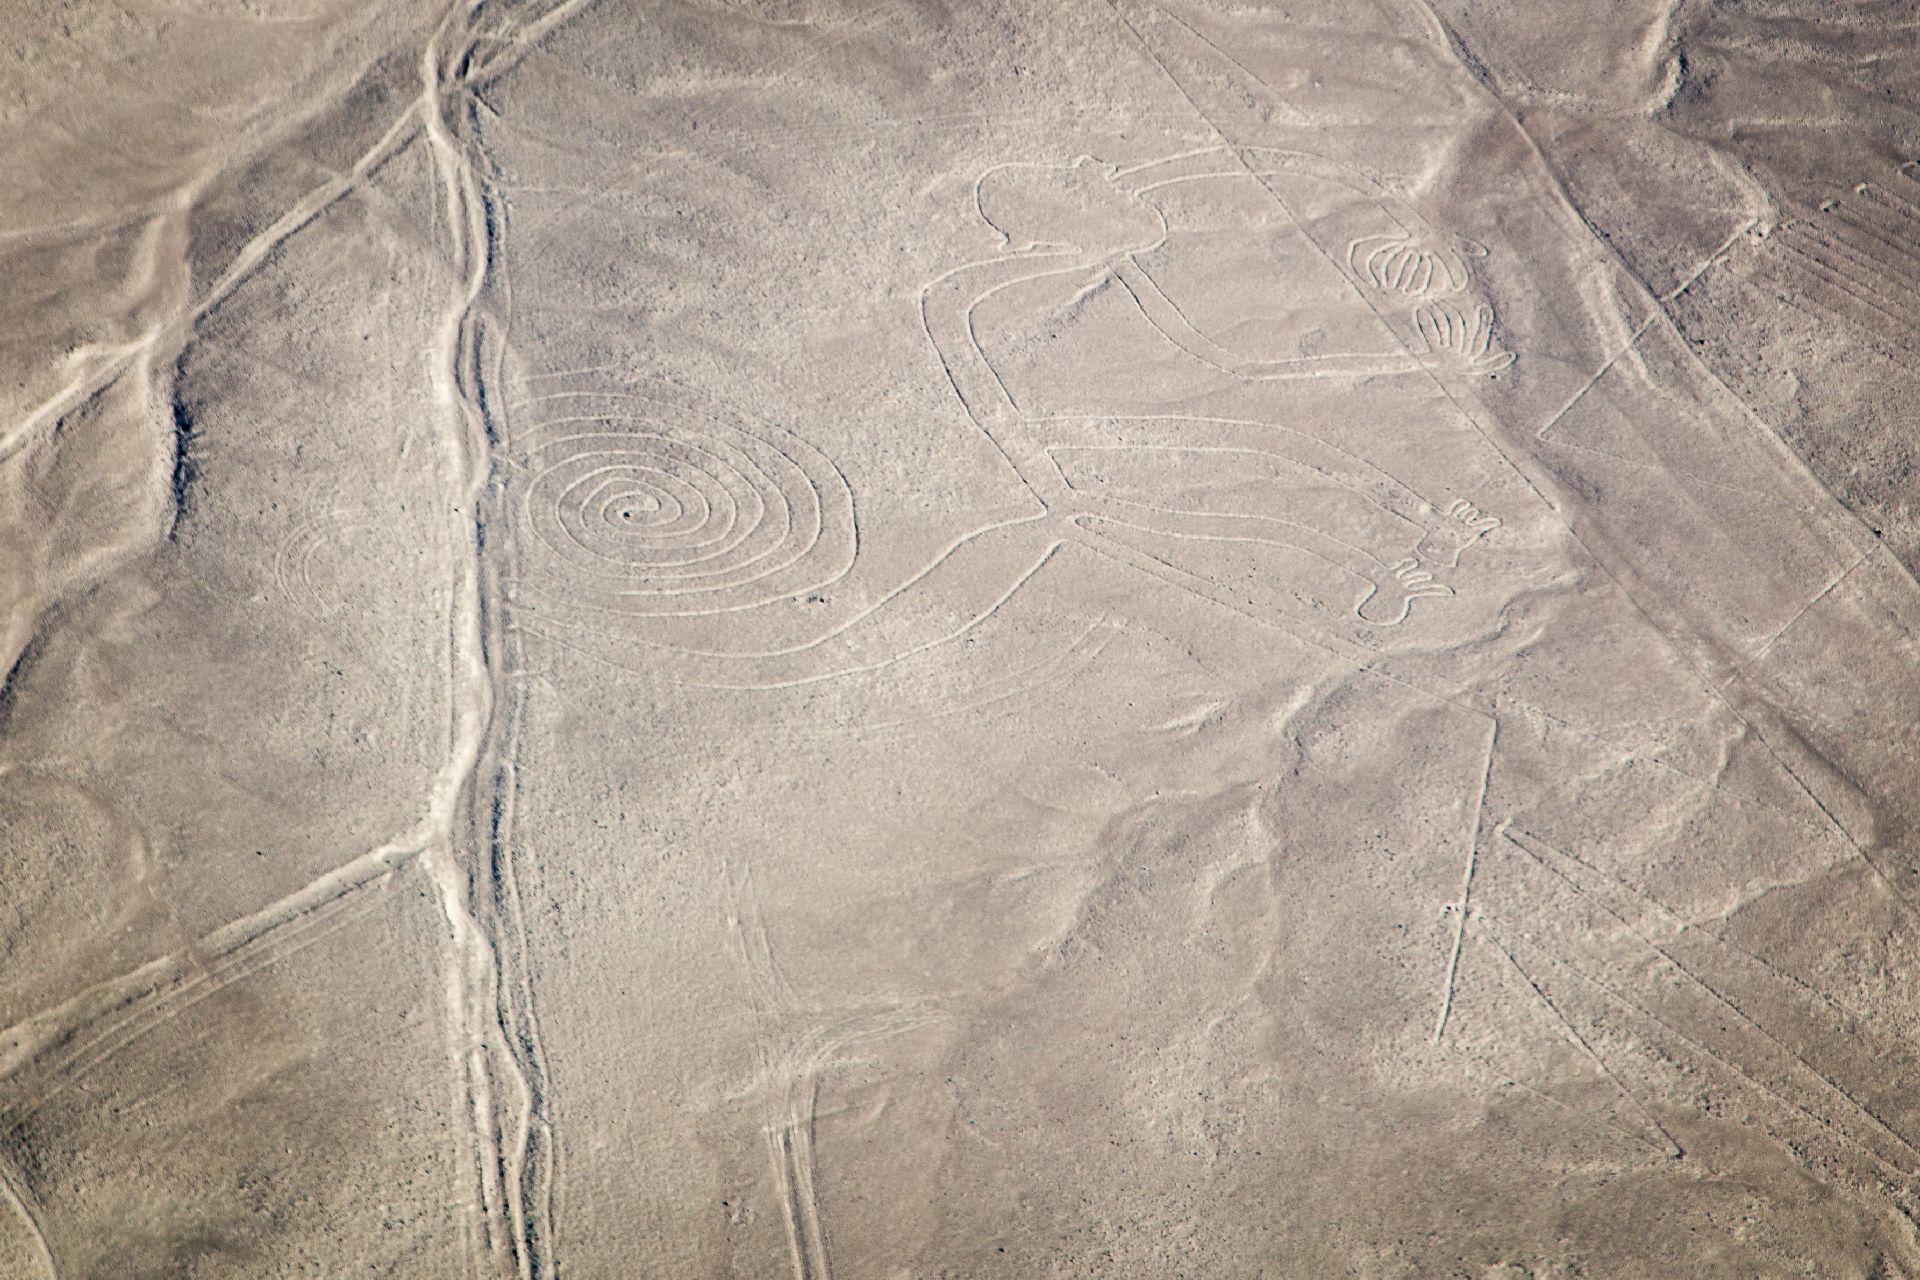 Os passageiros podem contemplar a atração mais misteriosa do Peru: as Linhas de Nazca - um conjunto de geoglifos designados, desde 1994, como Patrimônio Mundial da UNESCO.Foto: Bigstock